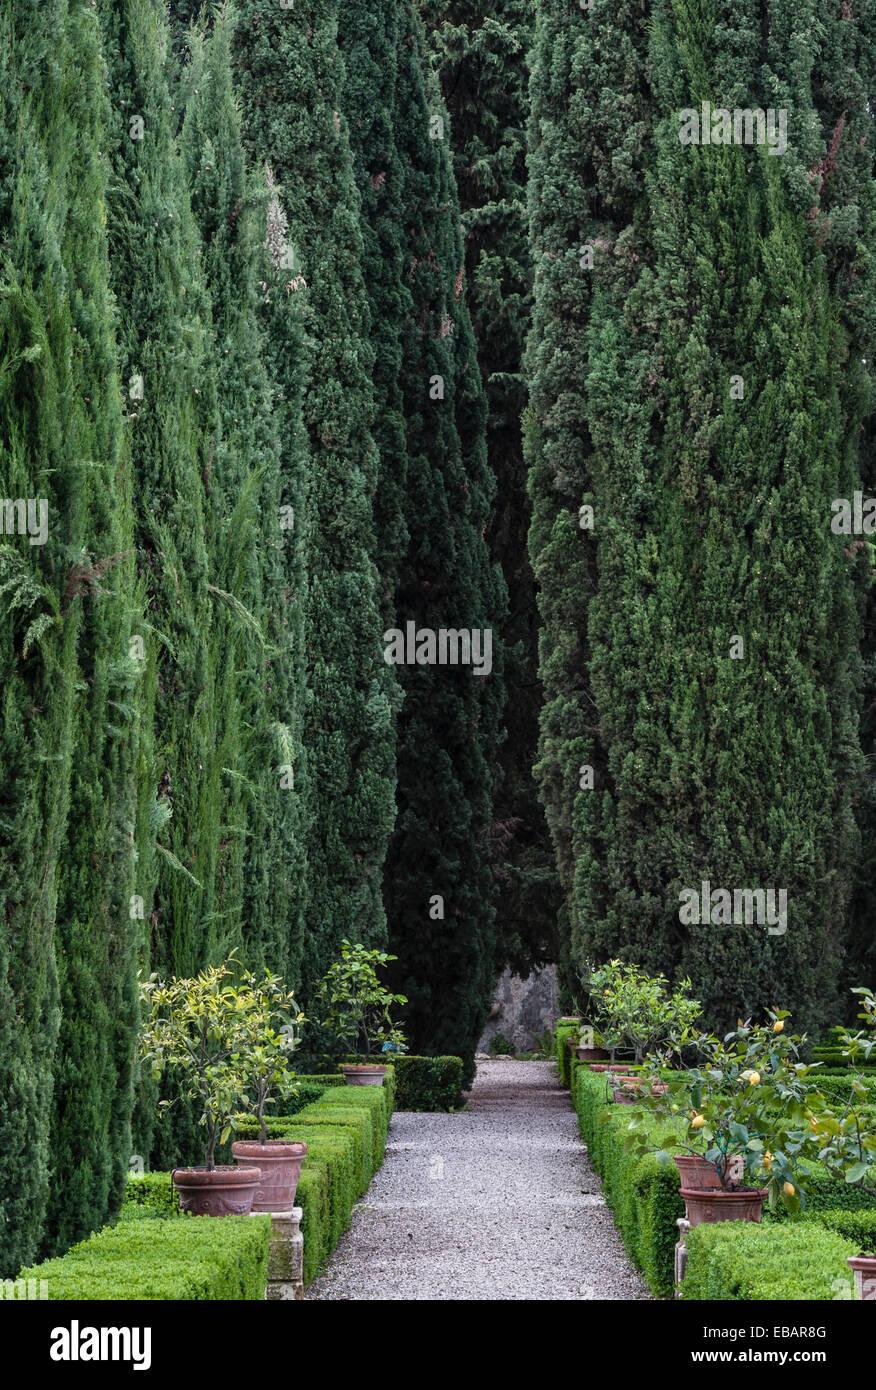 The Renaissance gardens of the Giardino Giusti, Verona, Italy. - Stock Image